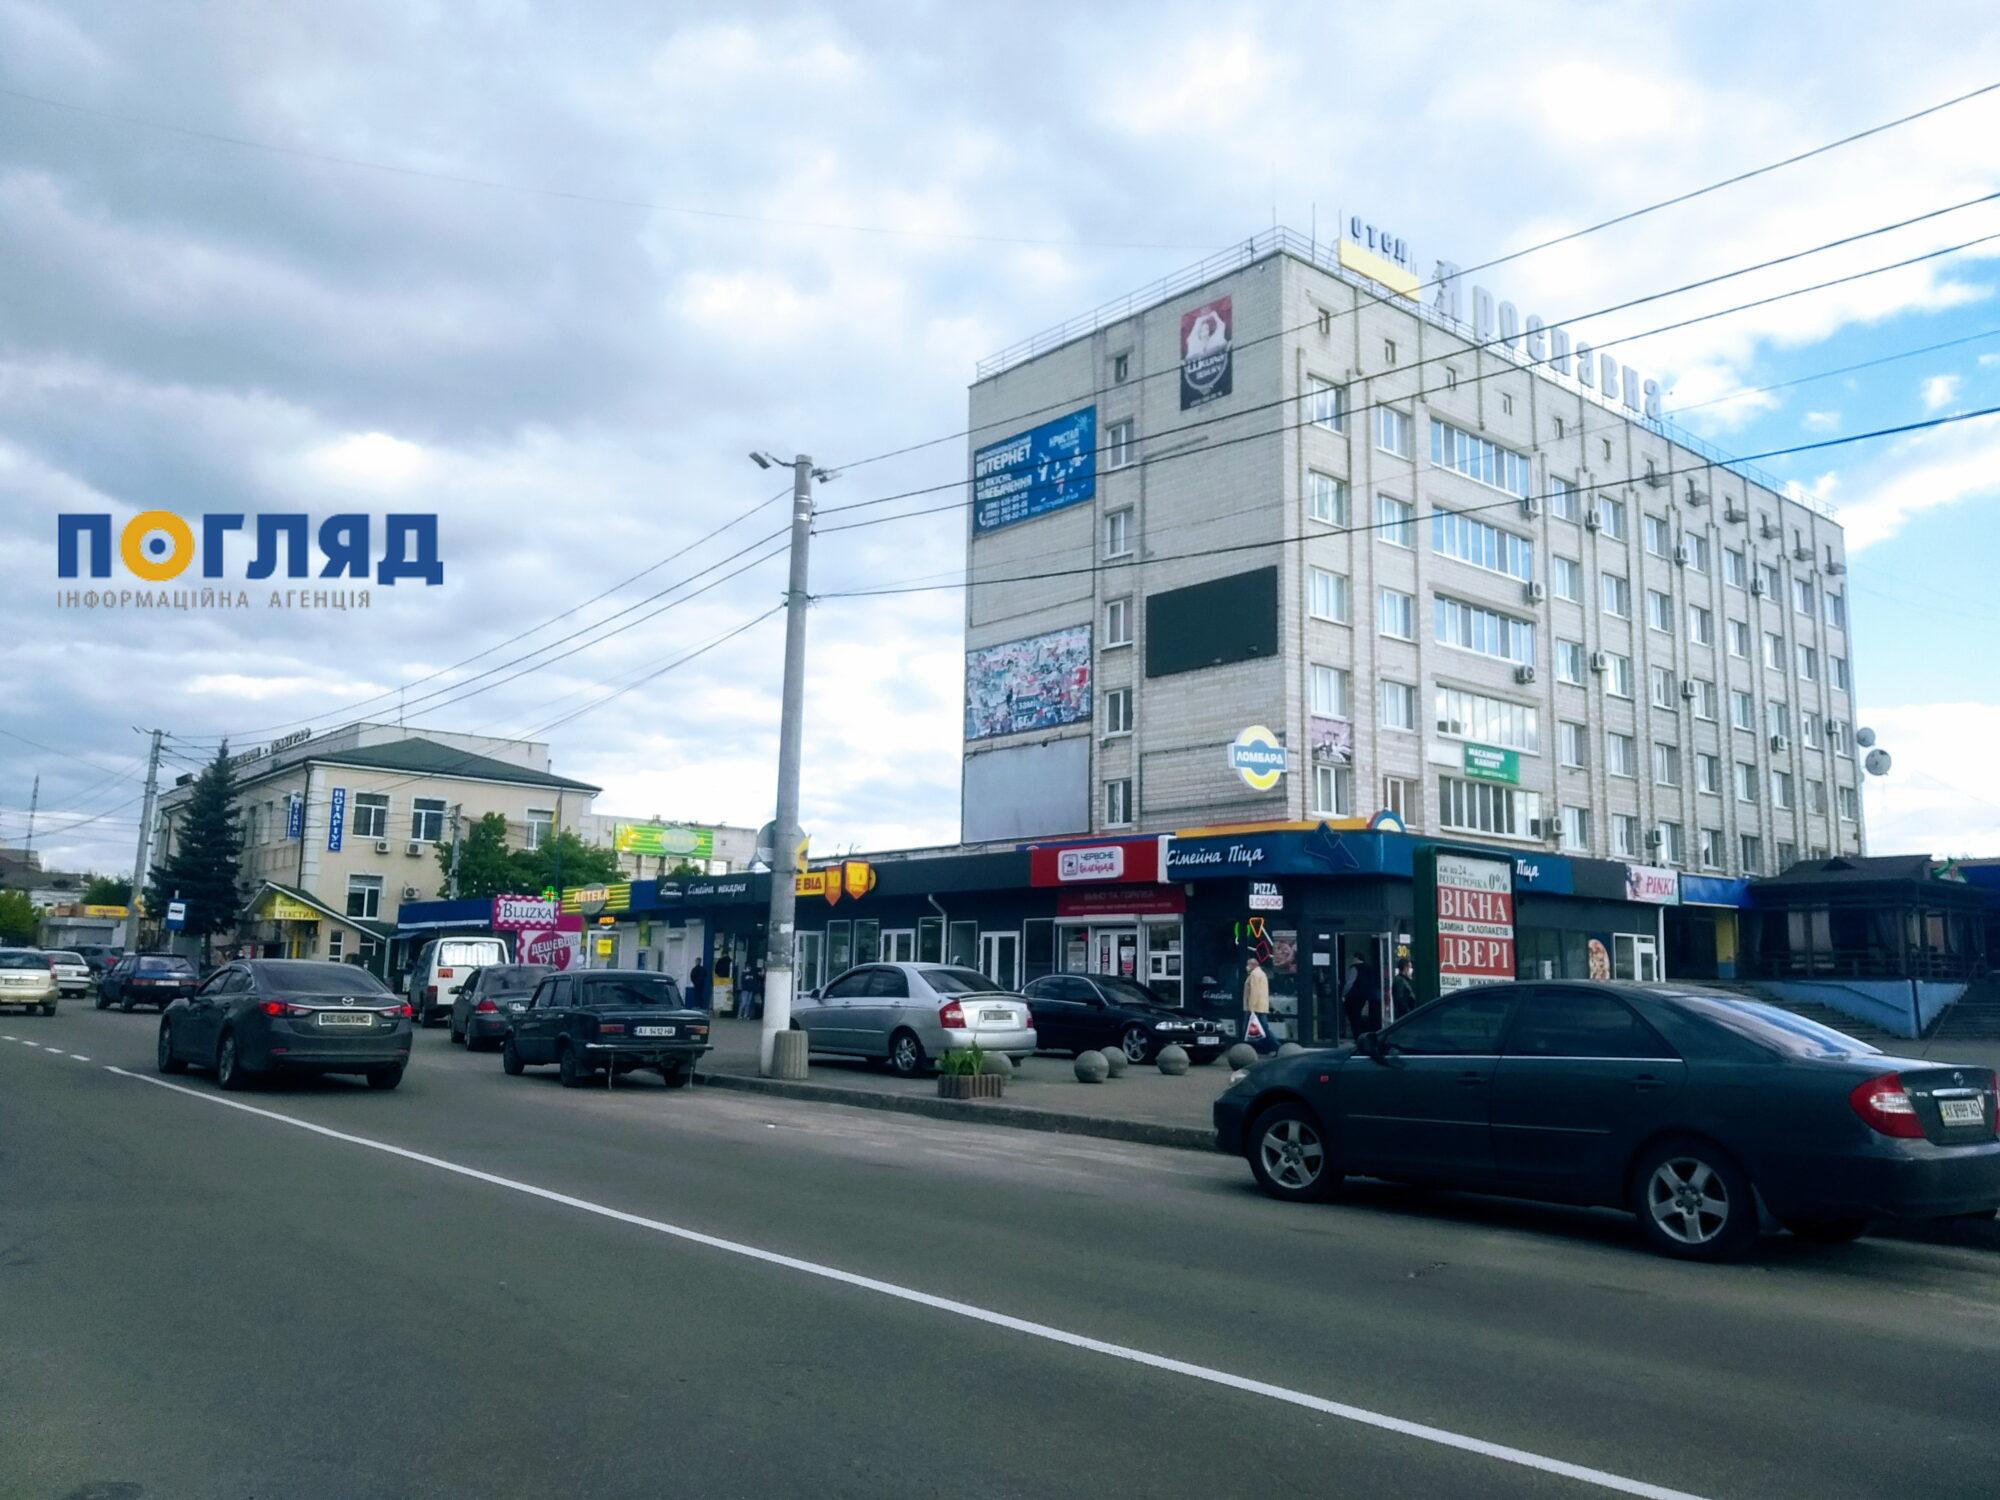 Замість свята у Василькові закуплять маски школярам - коронавірус, День міста - IMG 20200508 1857393 2000x1500